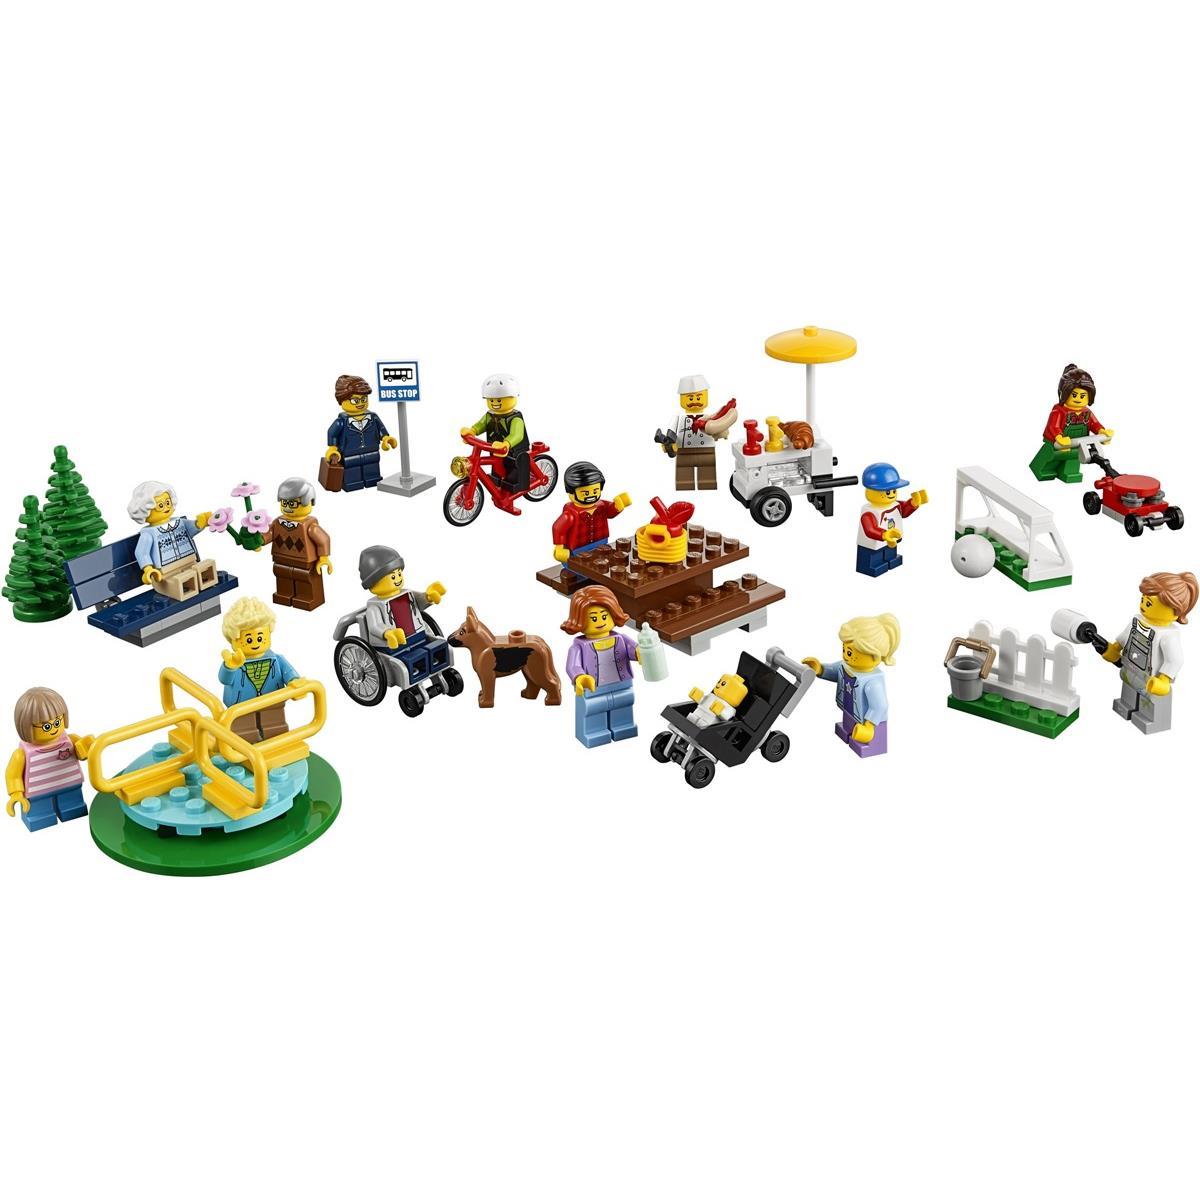 60134 LEGO® Creator Fun in the Park